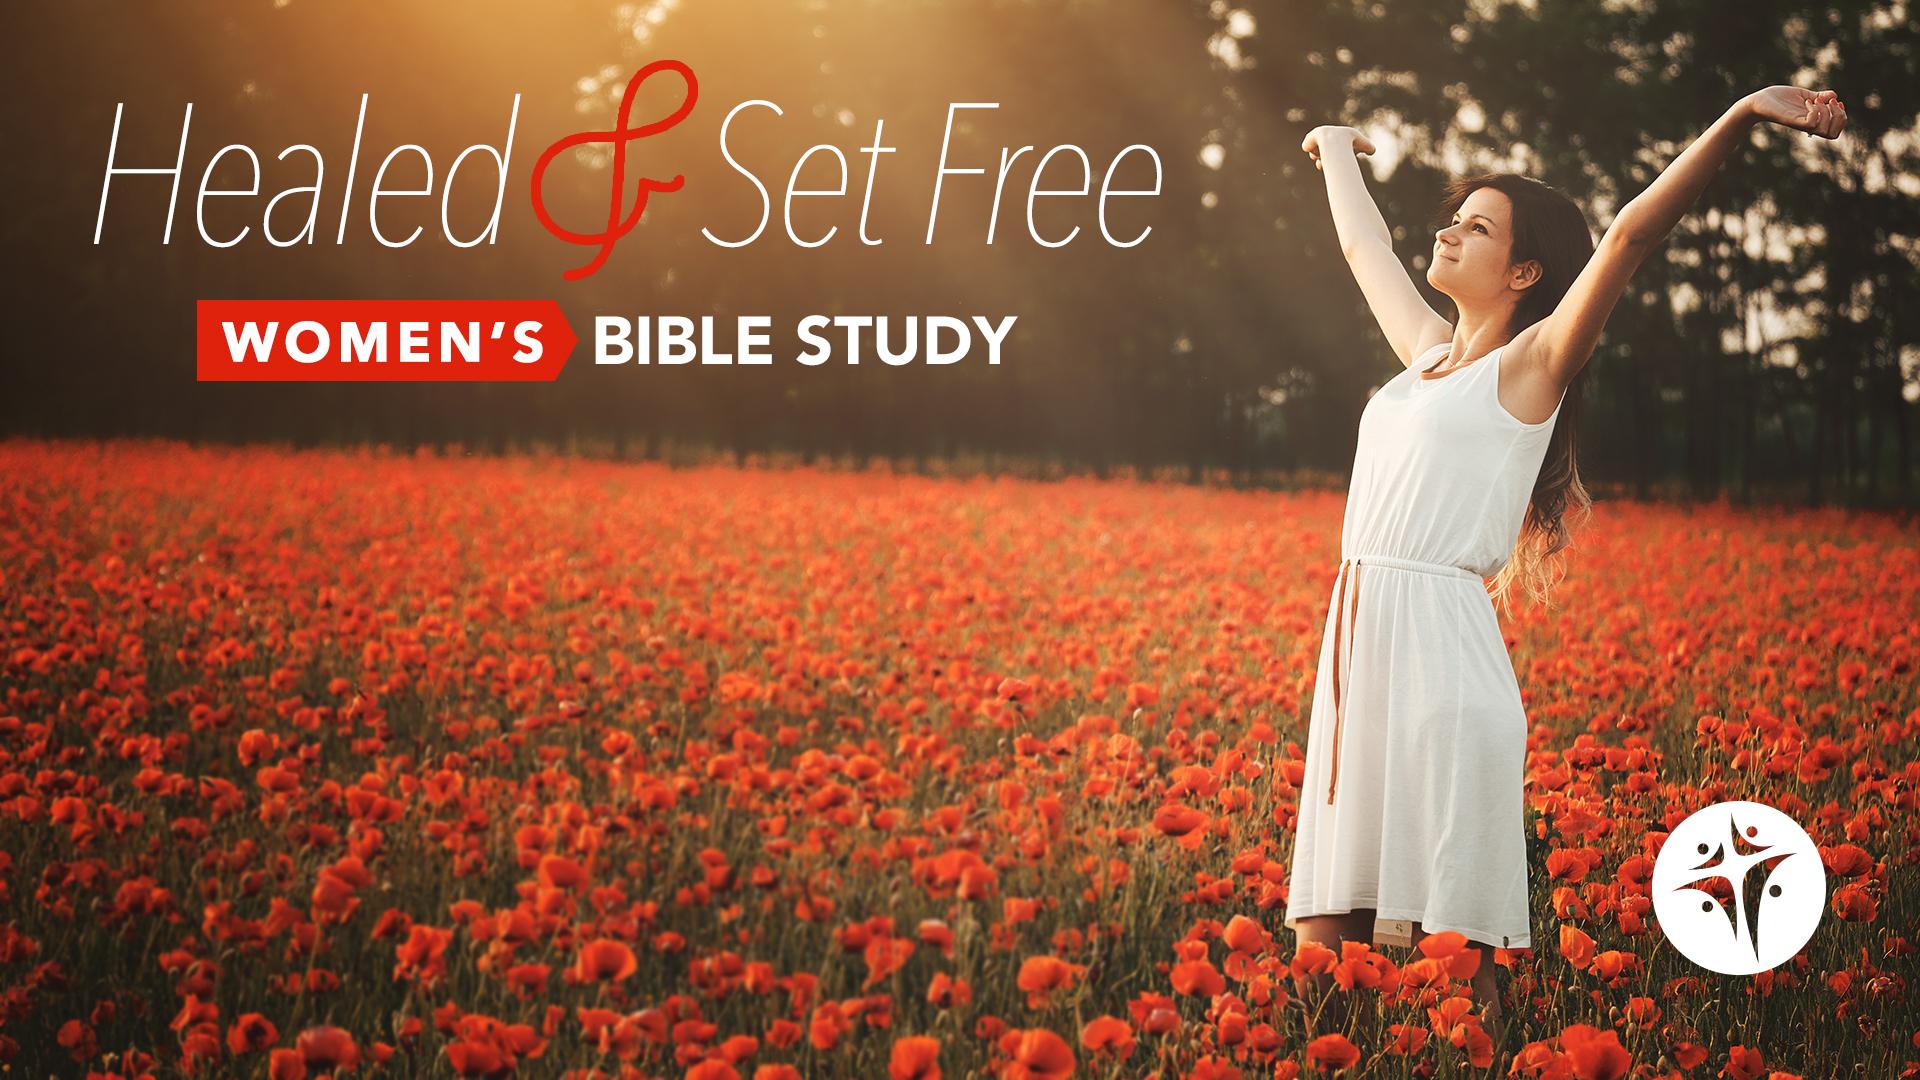 Healed & Set Free